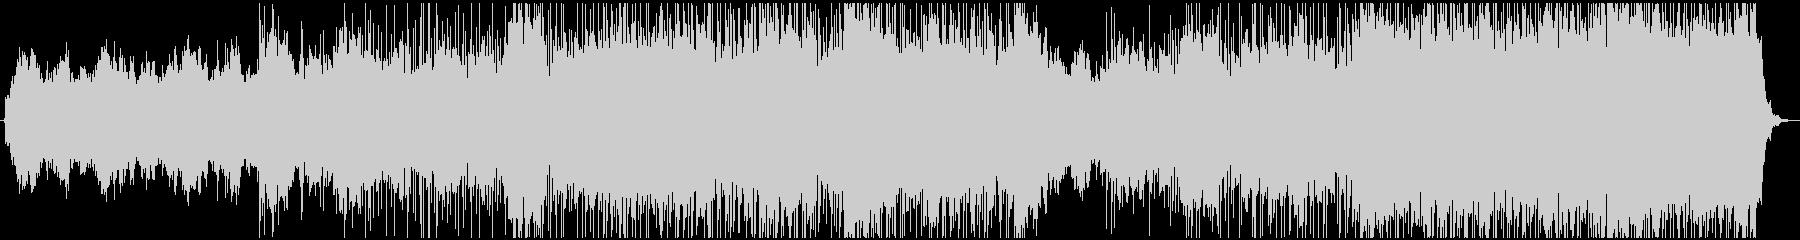 現代的 交響曲 ブレイクビーツ ア...の未再生の波形